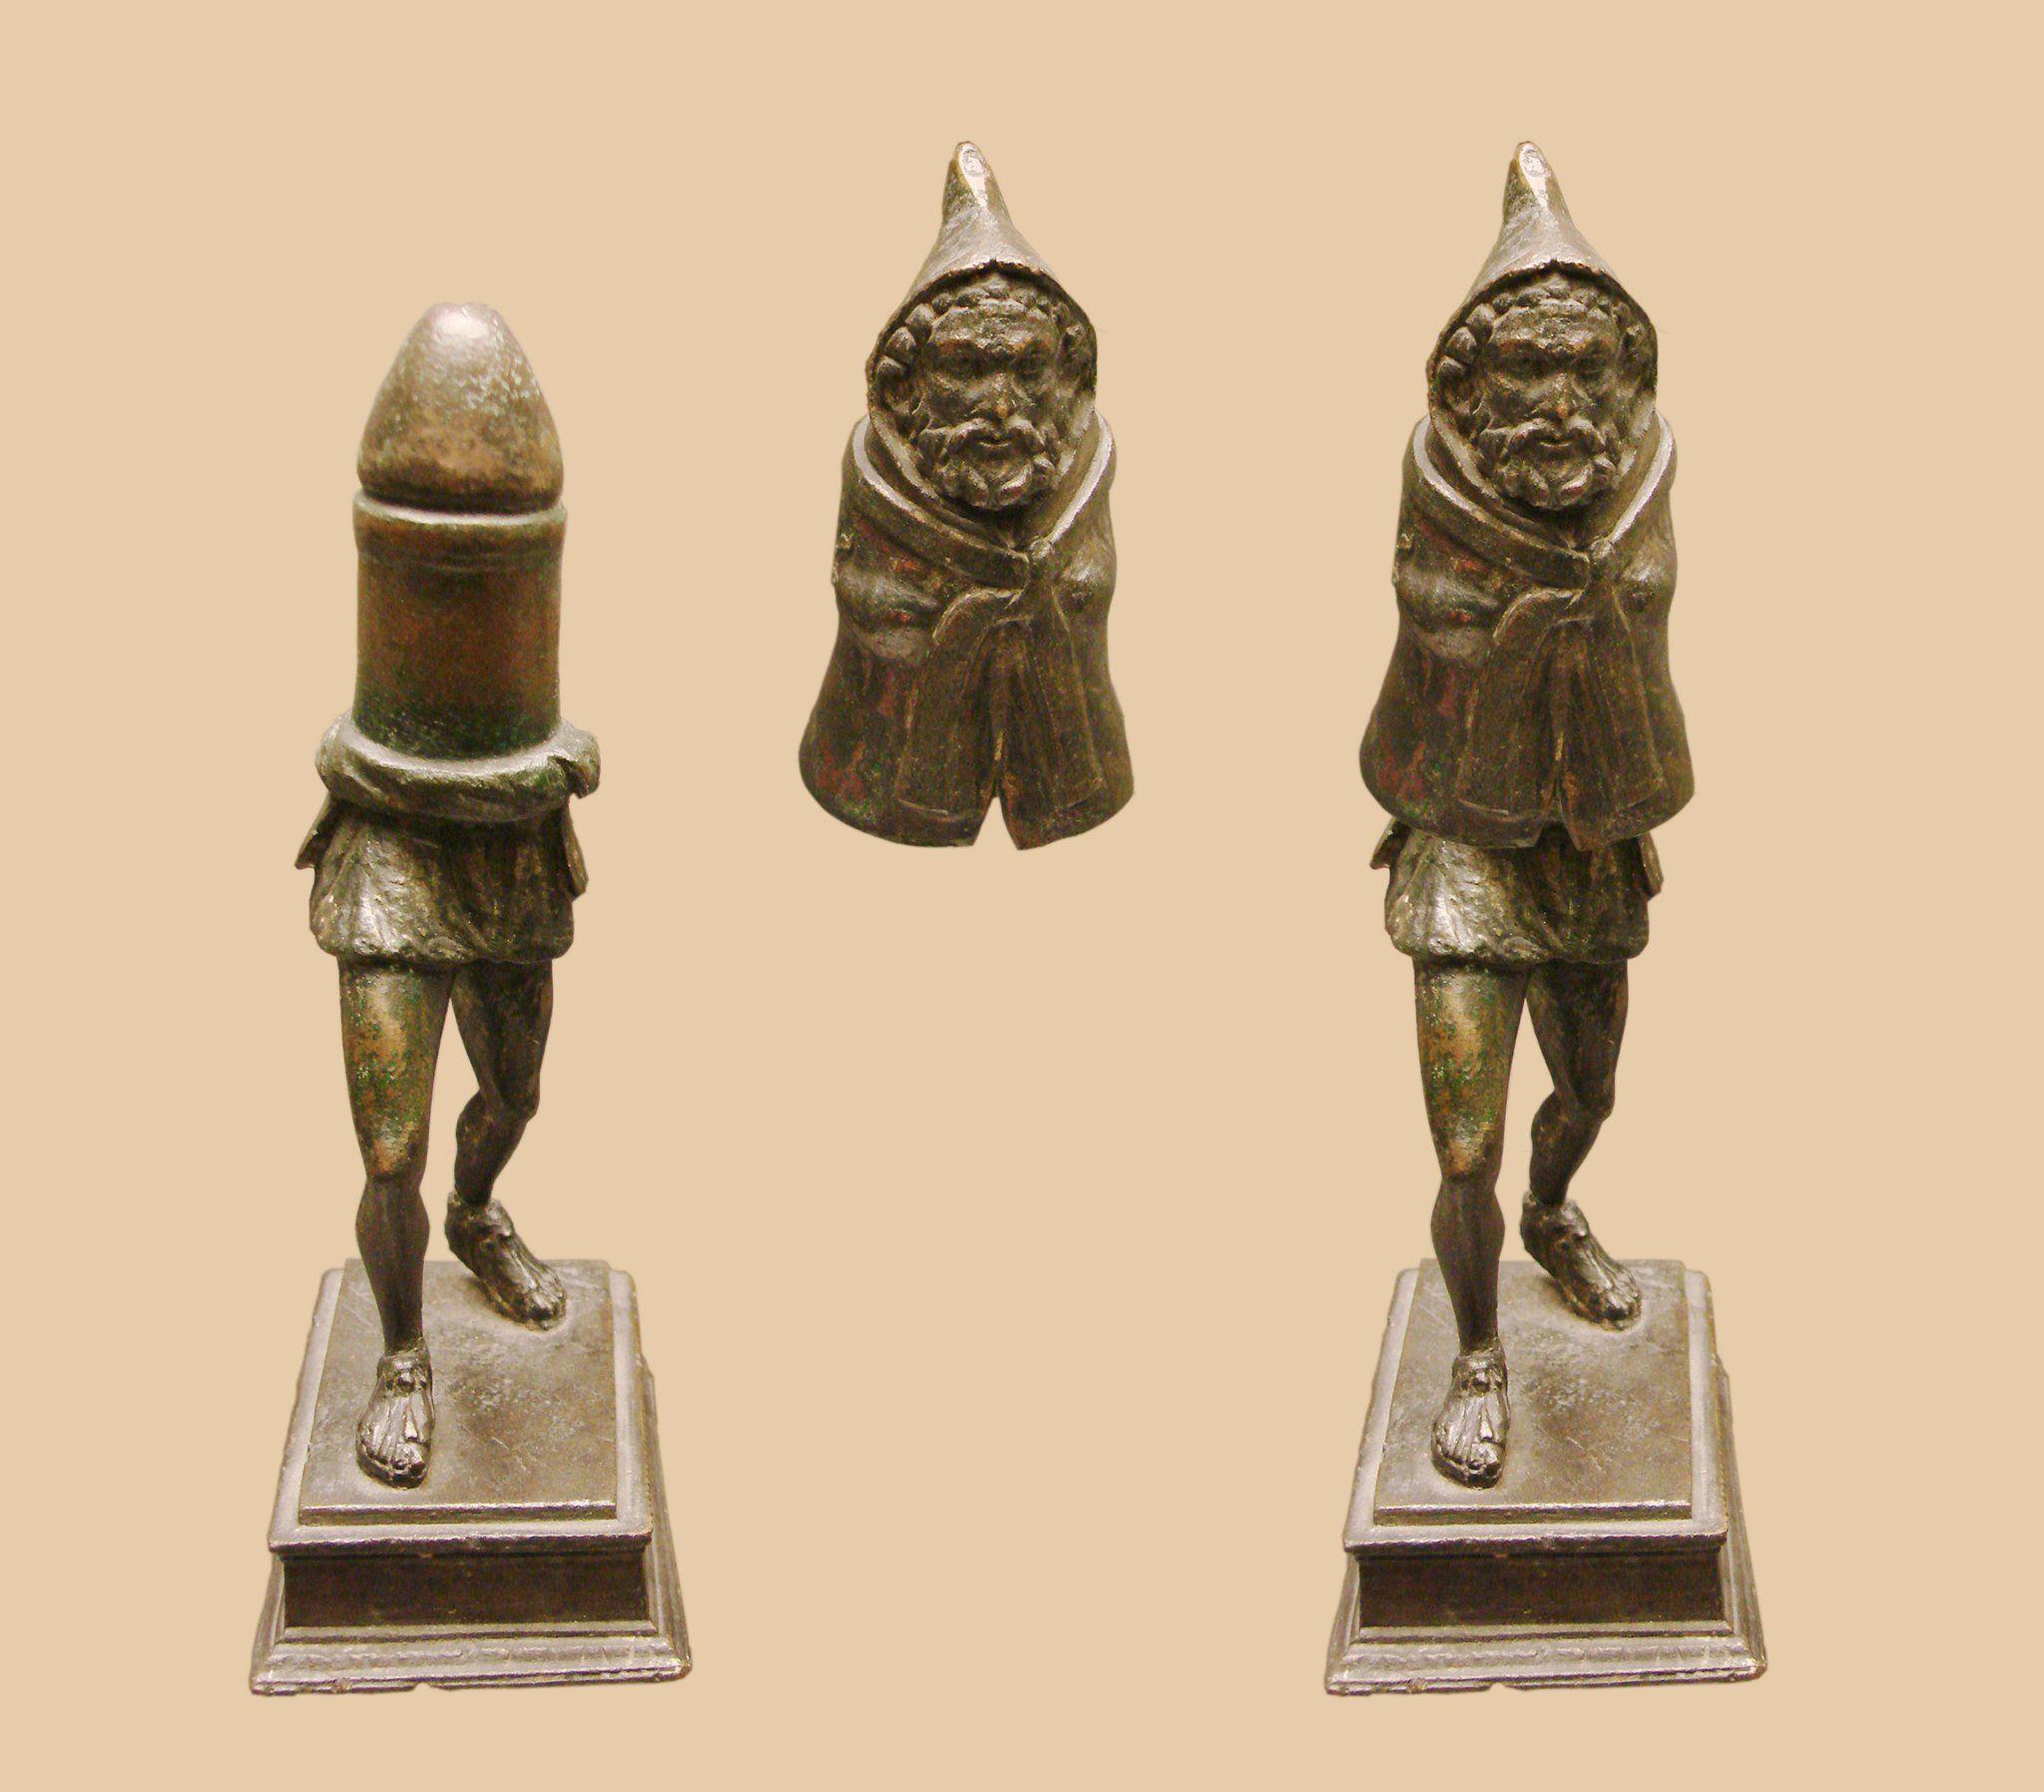 age penises bronze ceramic